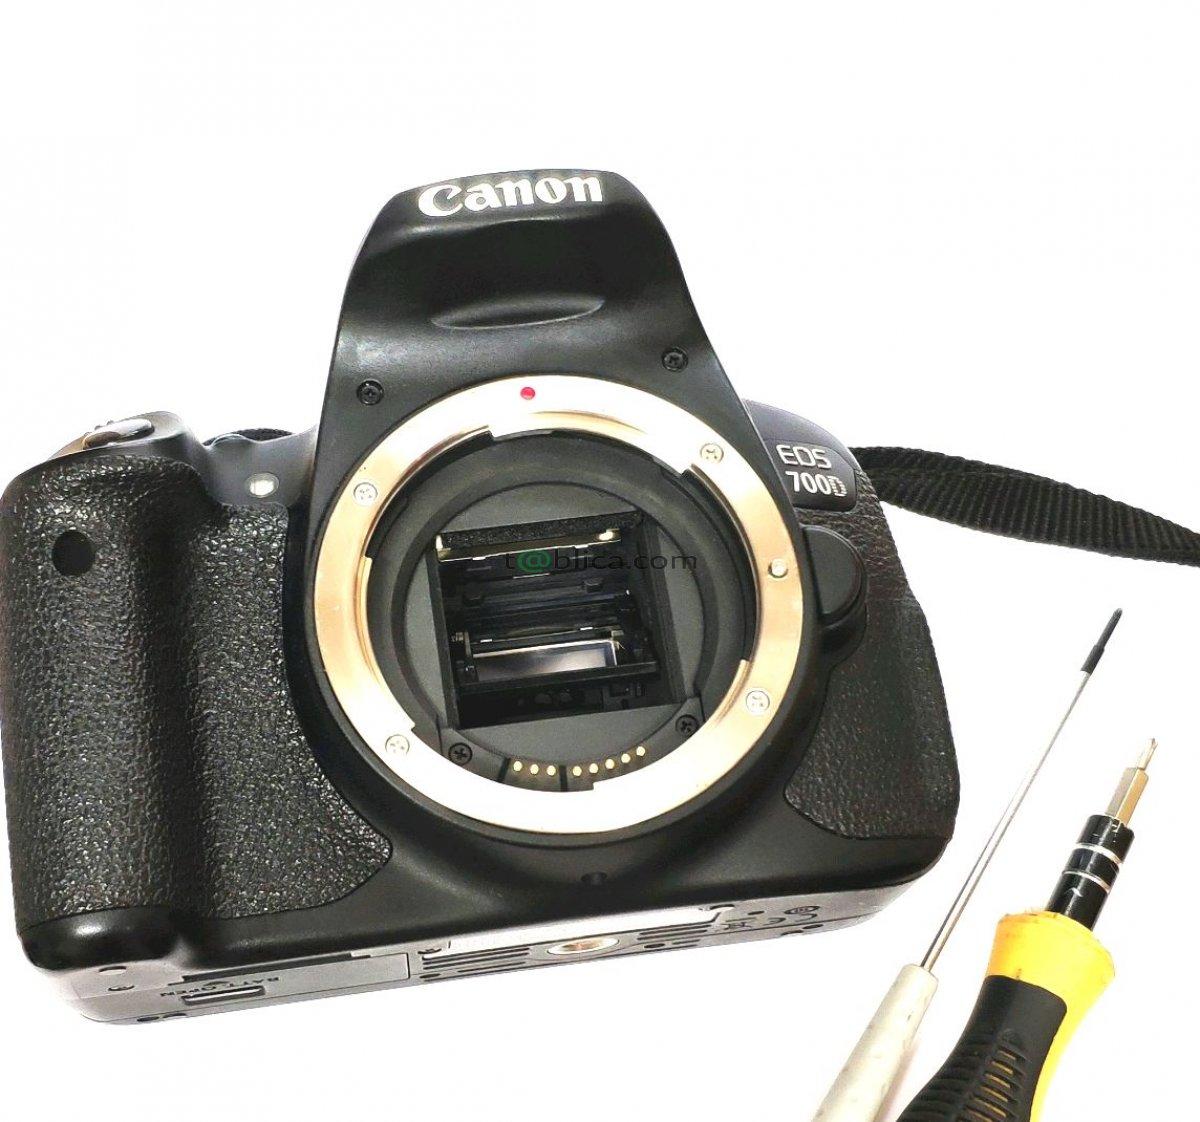 CANON Serwis Naprawa Aparatów Fotograficznych POZNAŃ